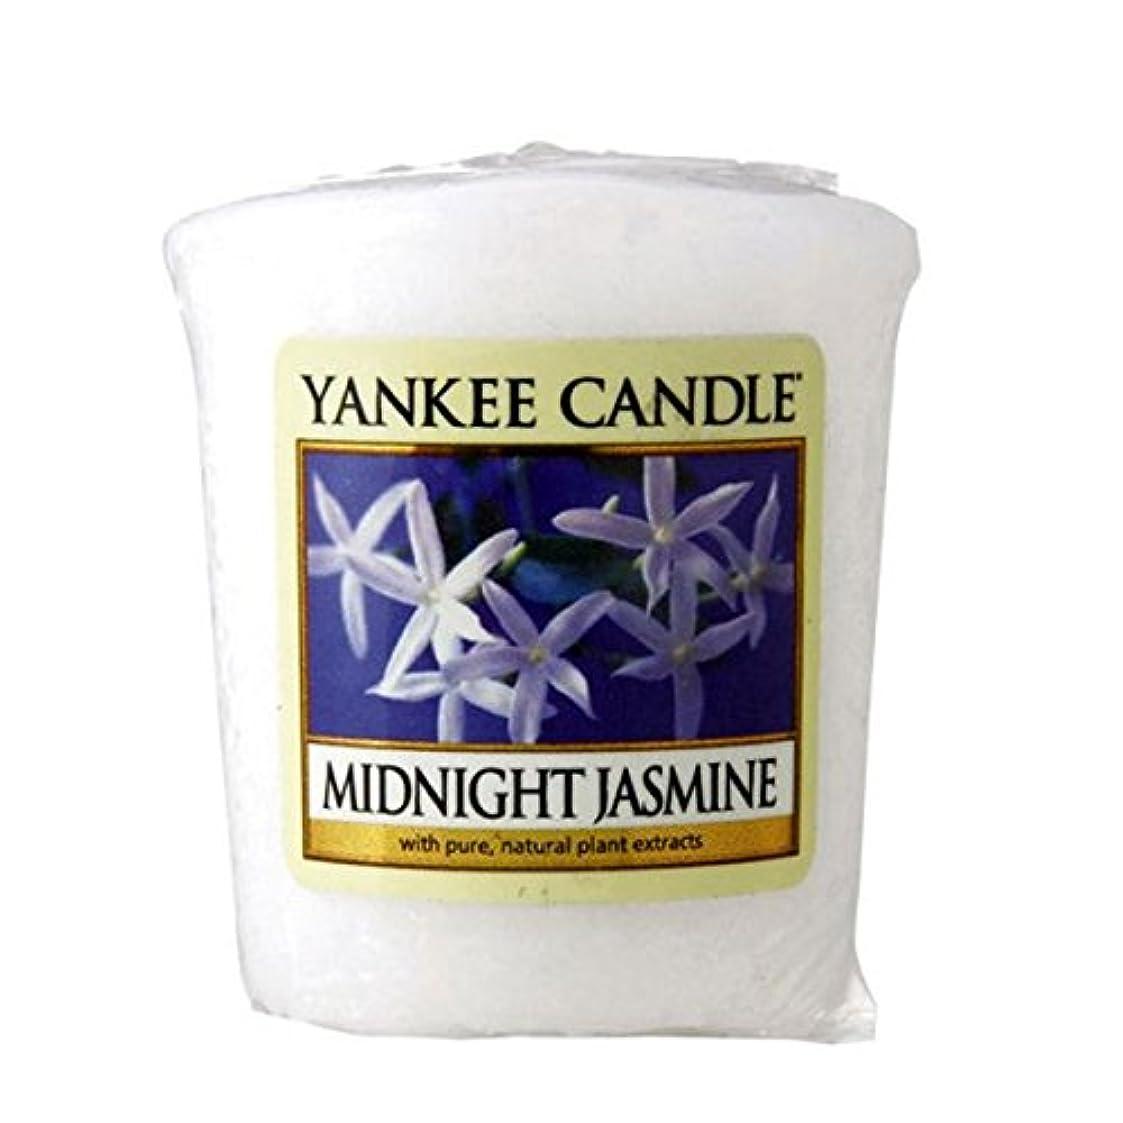 有名人電話をかける恥ずかしさ[ヤンキーキャンドル] YANKEE CANDLE 正規販売店 キャンドル YC?????? ????????????? (K0010569) (コード:4102254900-1)